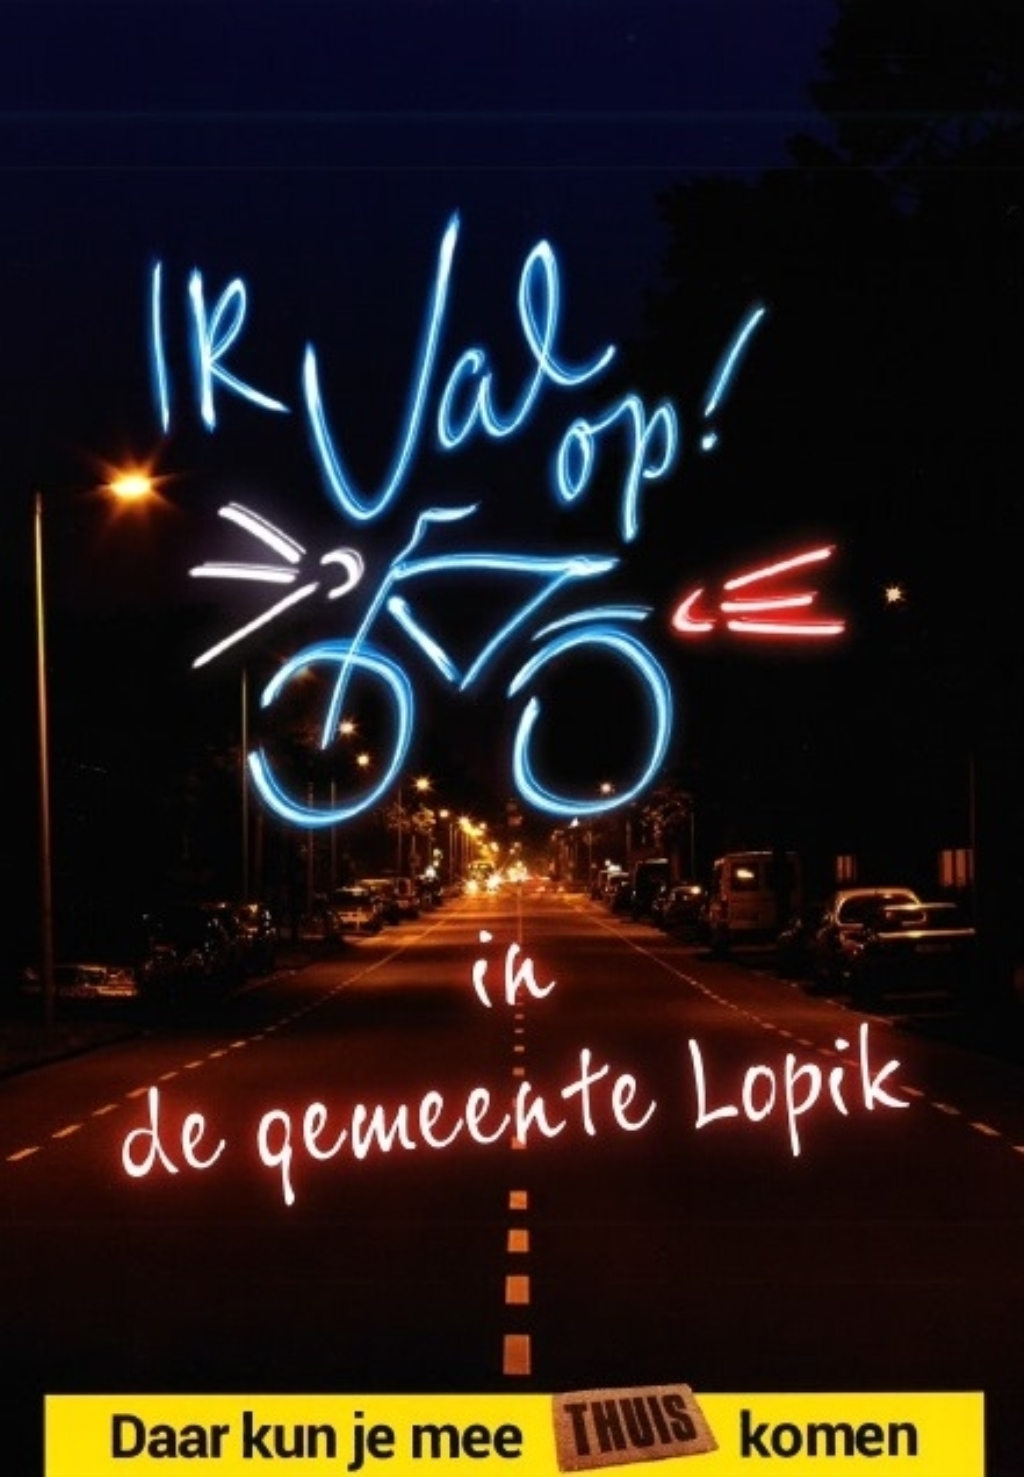 maanden heeft de politie in lopik extra fietsverlichtingscontroles gepland wees dus gewaarschuwd en voorkom een boete zorg dat je verlichting in orde